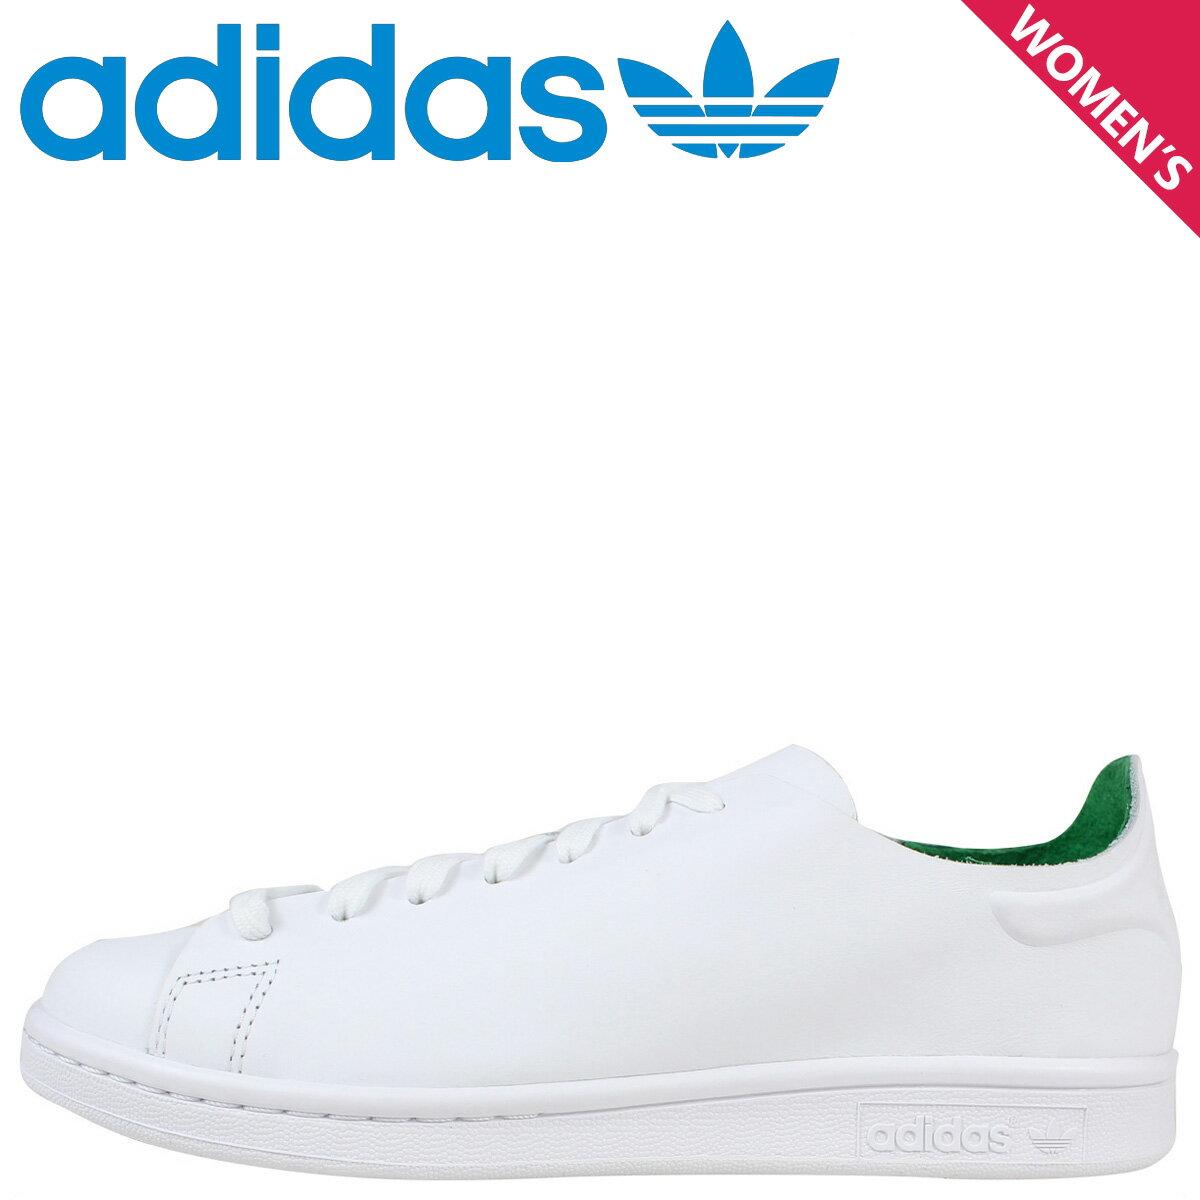 アディダス スタンスミス レディース adidas Originals スニーカー STAN SMITH NUUDE W ホワイト 靴 S76544 オリジナルス 【CLEARANCE】【返品不可】